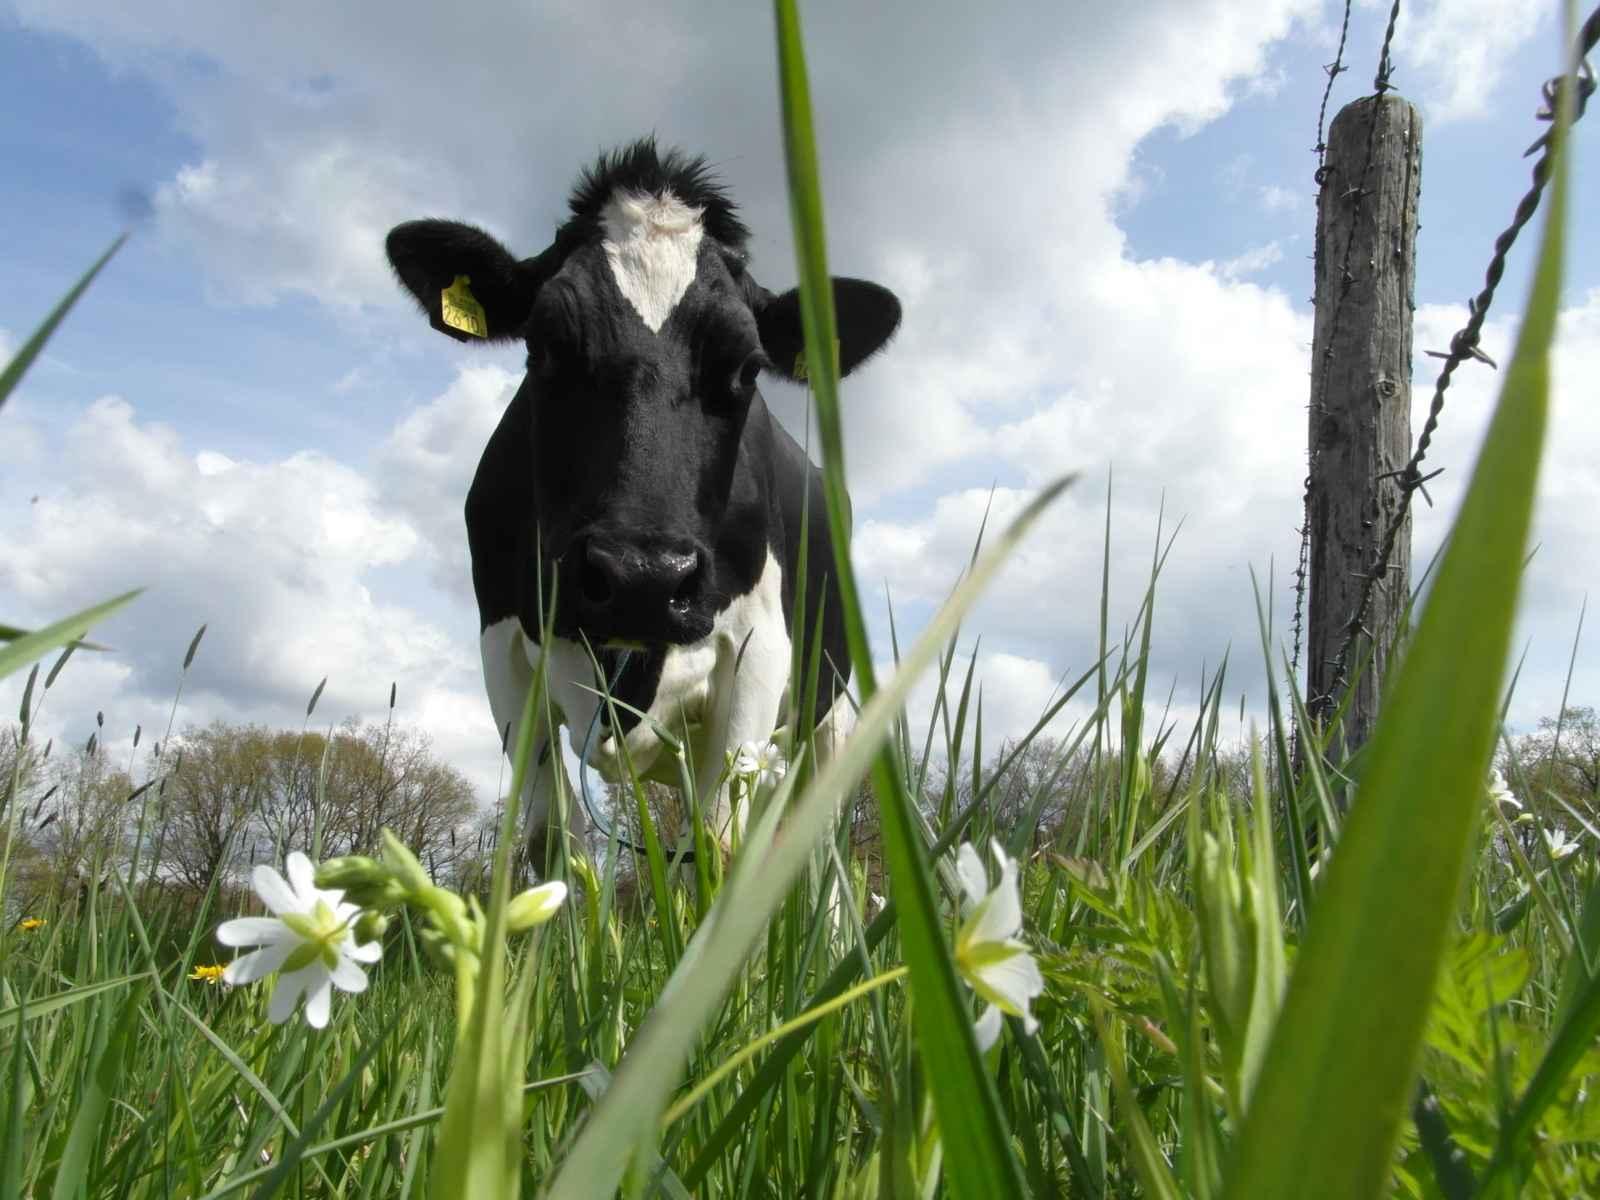 Koeien in wei, miMakker Bakkie Blog www.neusvoorcontact.nl